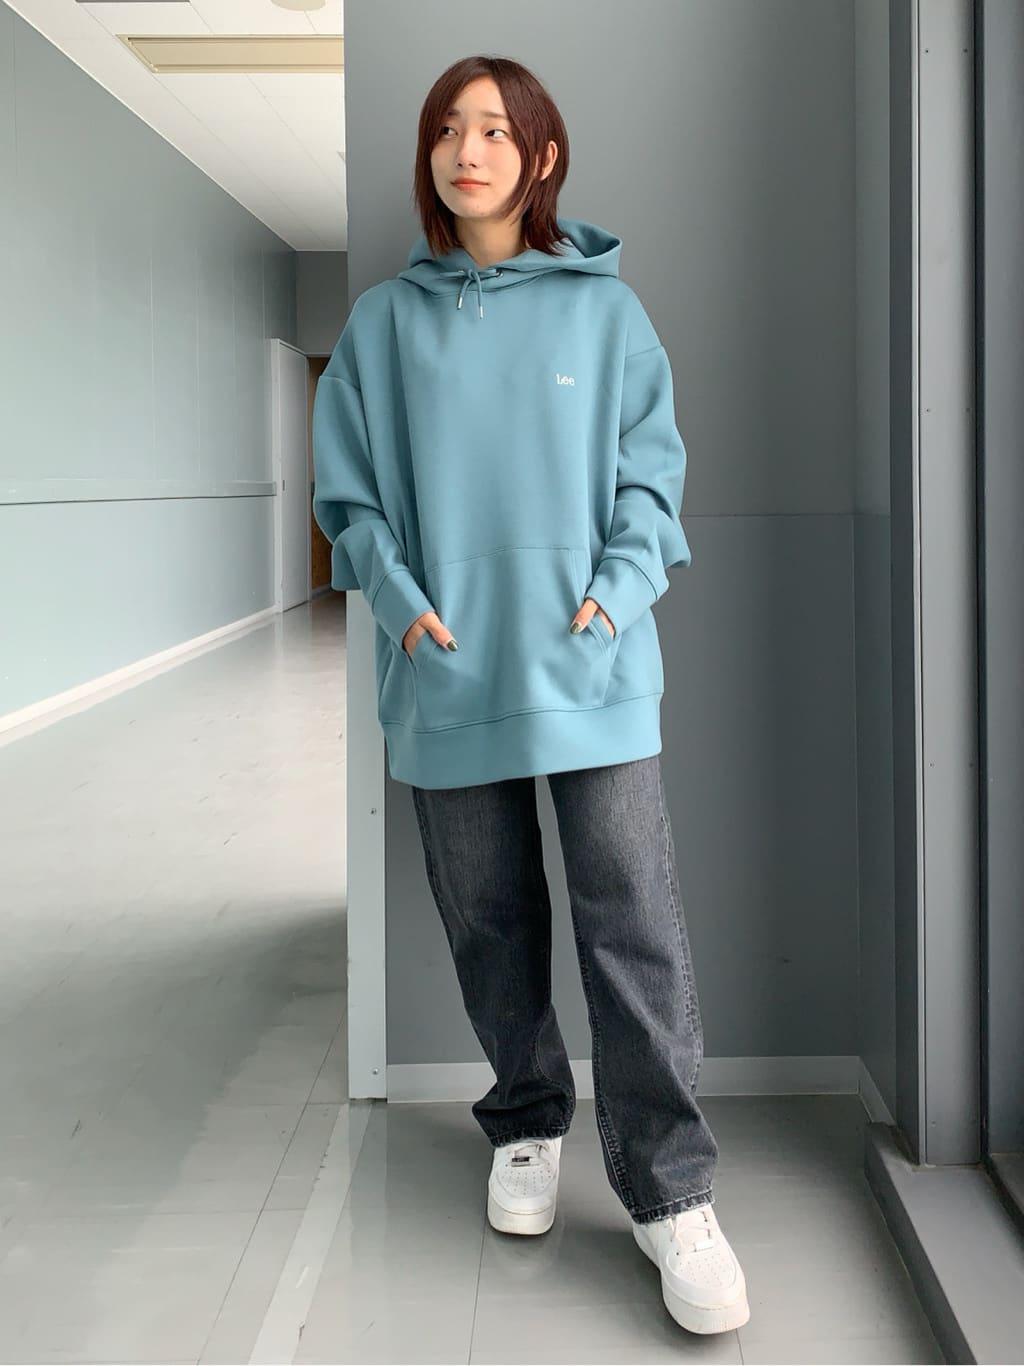 Lee アミュプラザ博多店のMISAKIさんのLeeの【デニム15%OFFクーポン対象】【otonaMUSE掲載】【毎日履きたい】ボーイズストレートパンツを使ったコーディネート